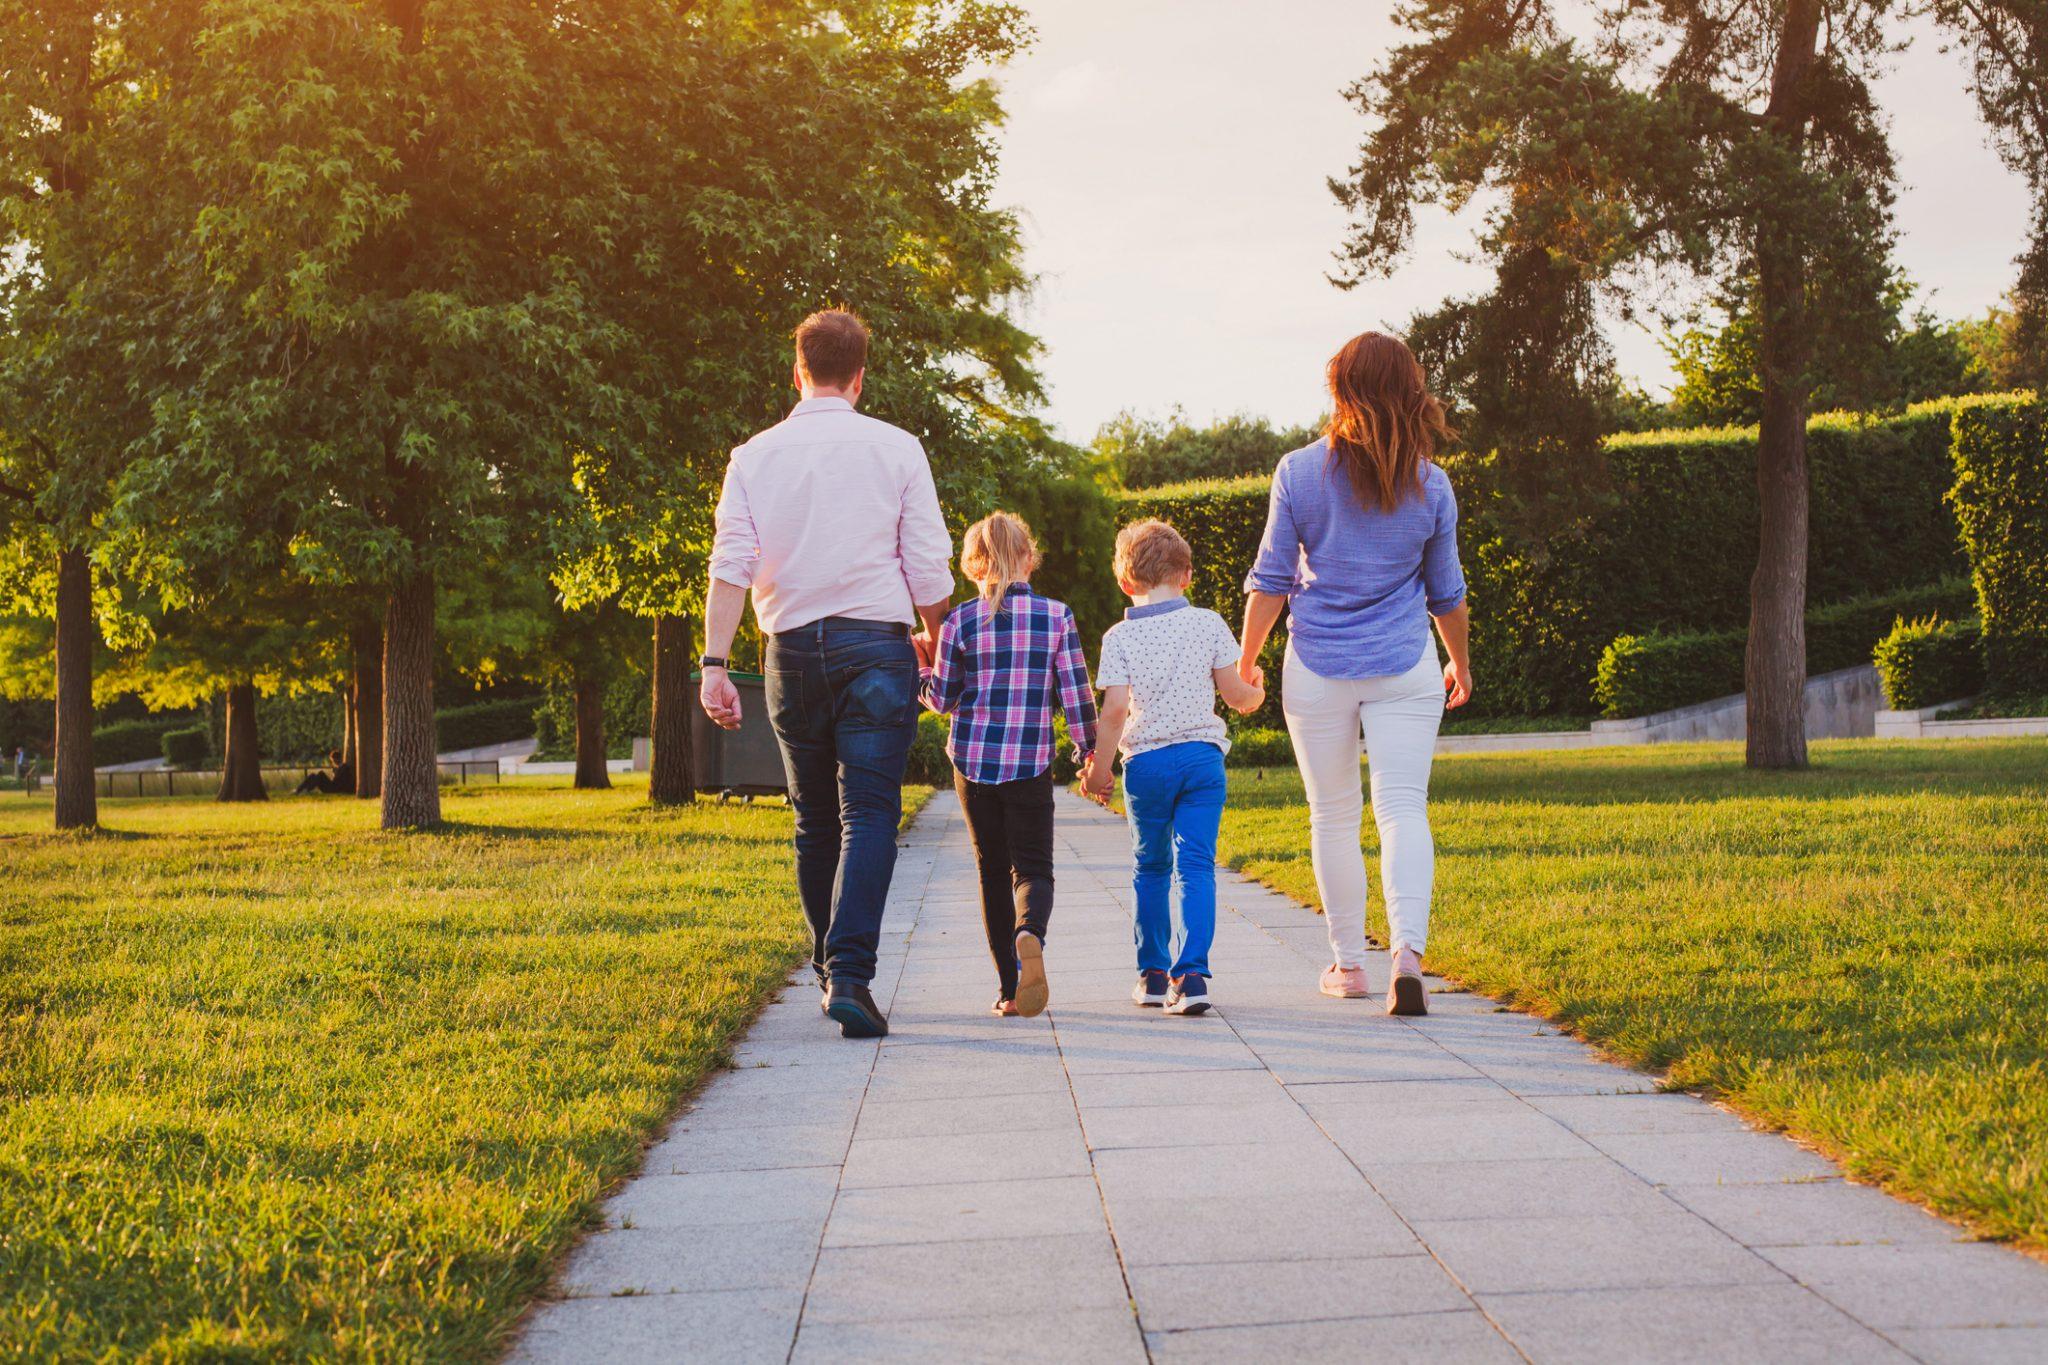 famille retraite enfants immobilier